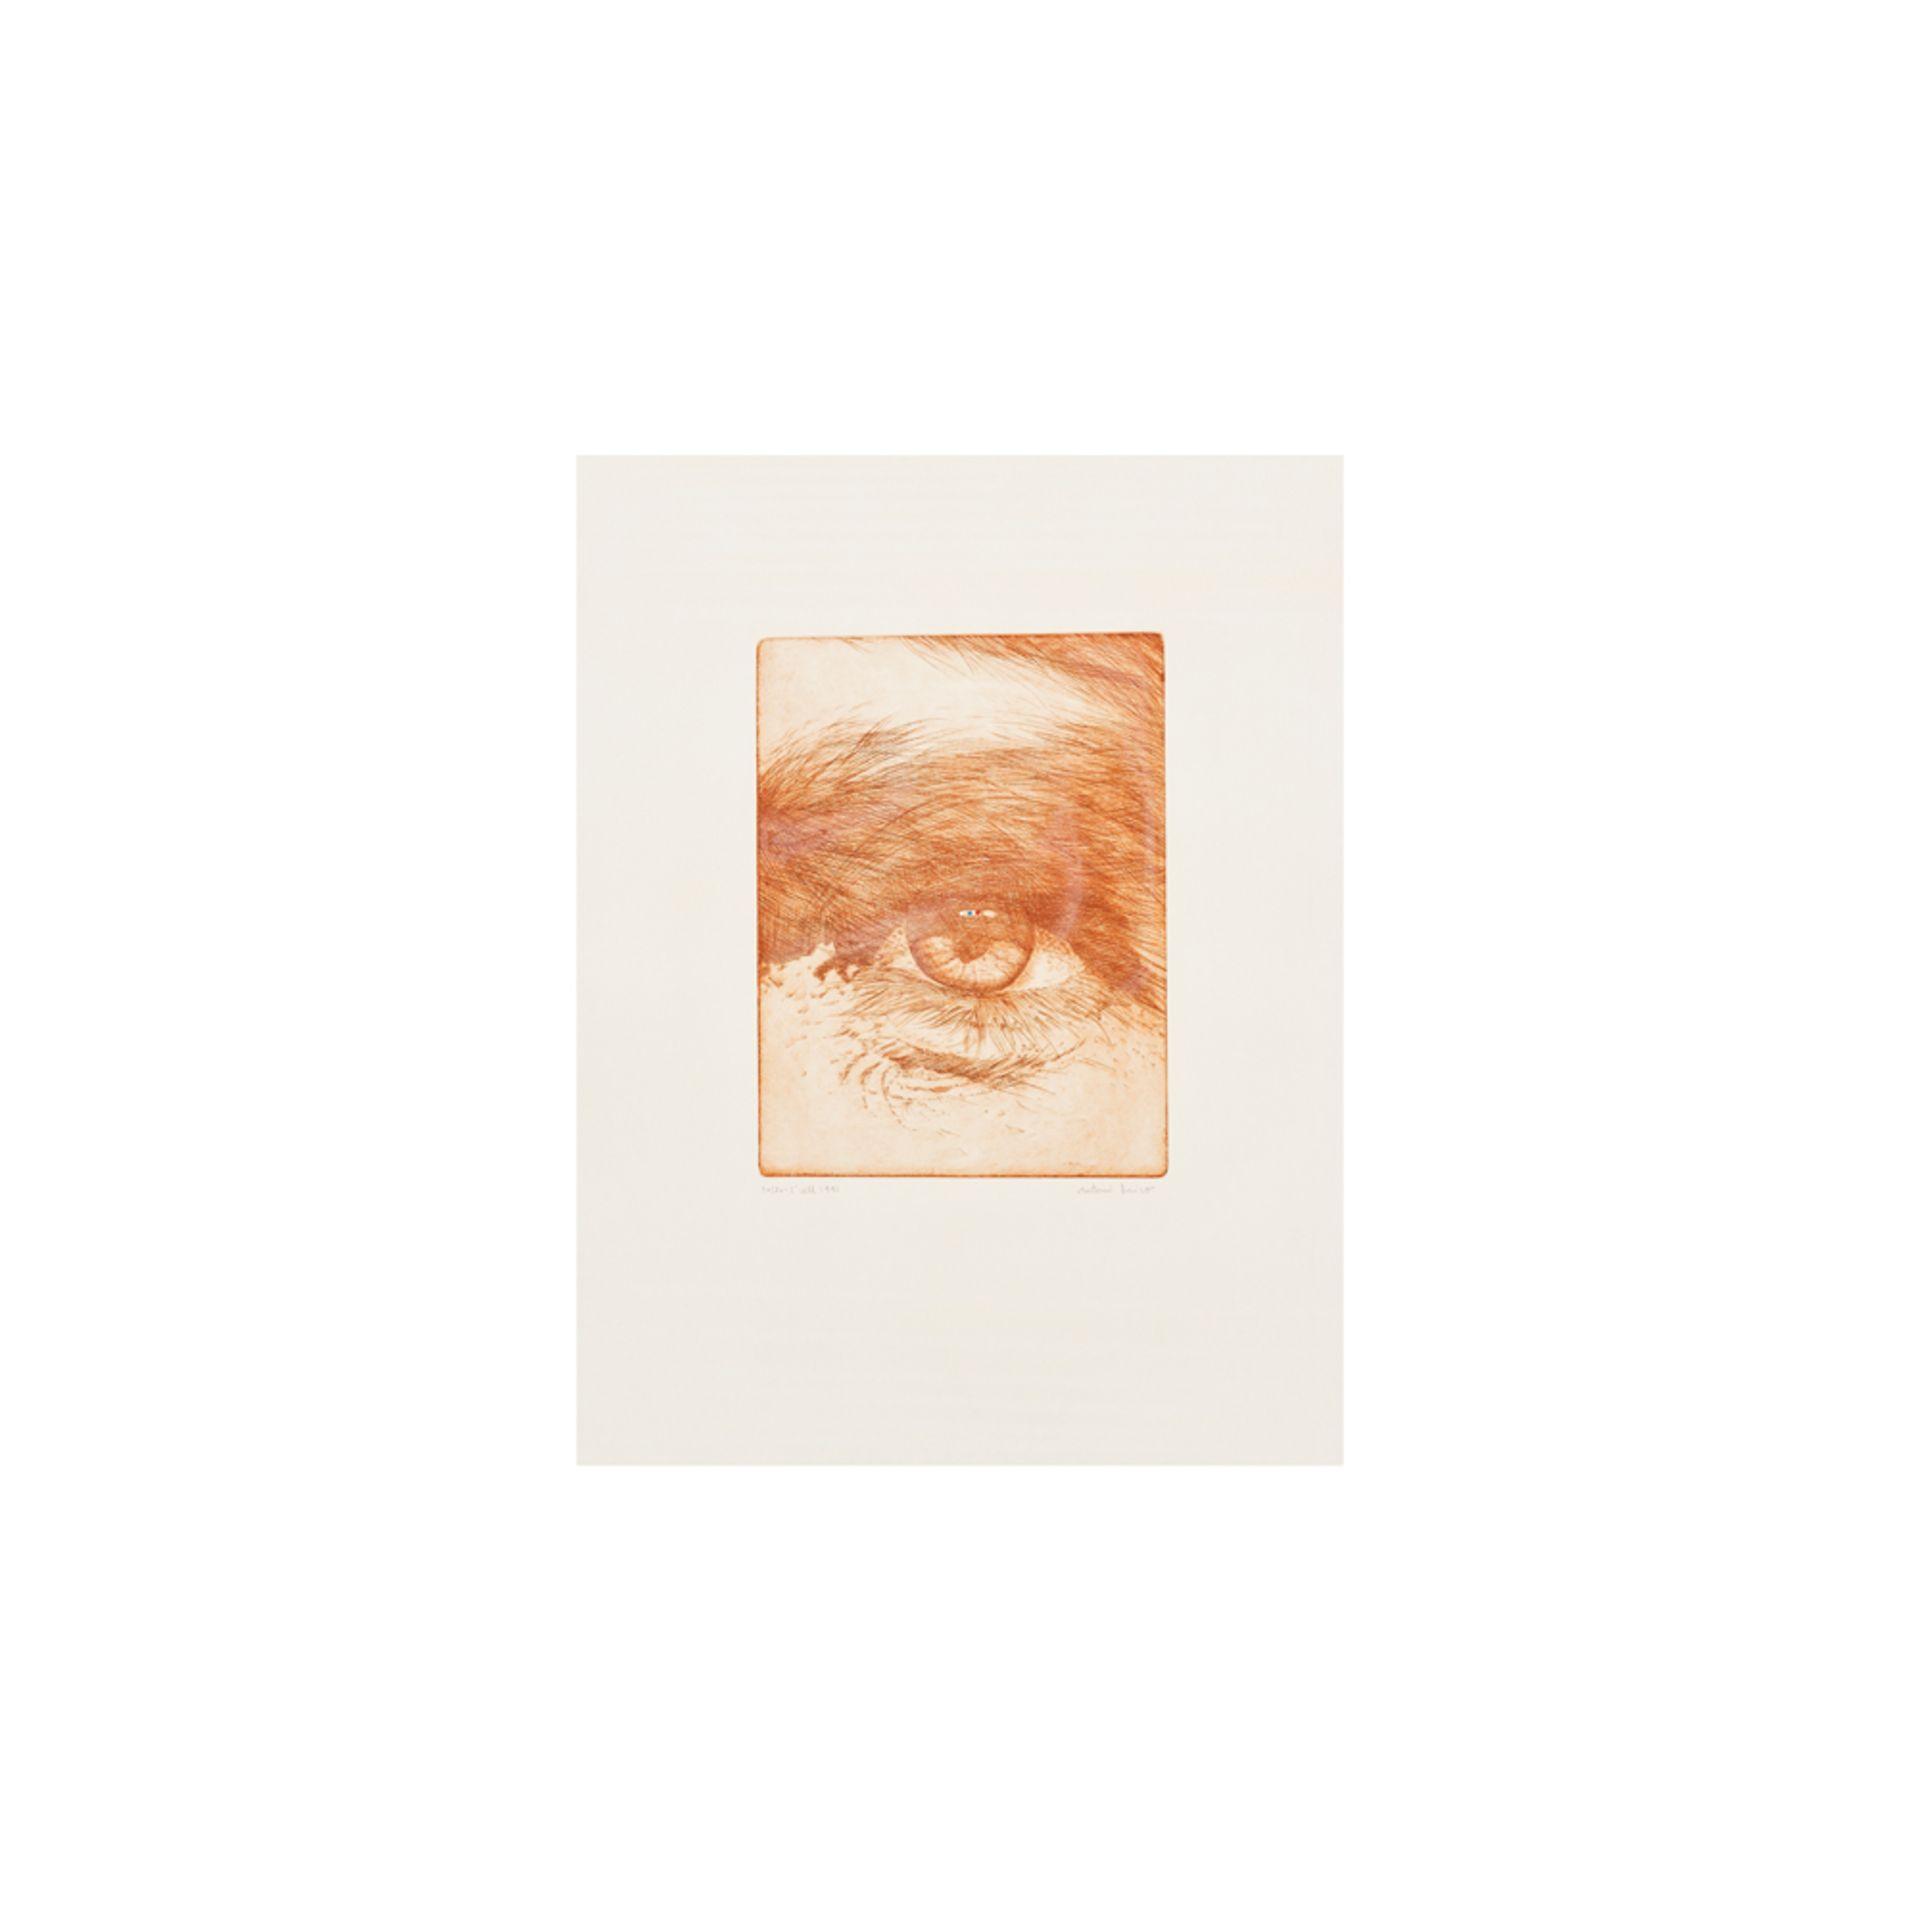 Antonio Miró. L'ull. Grabado.